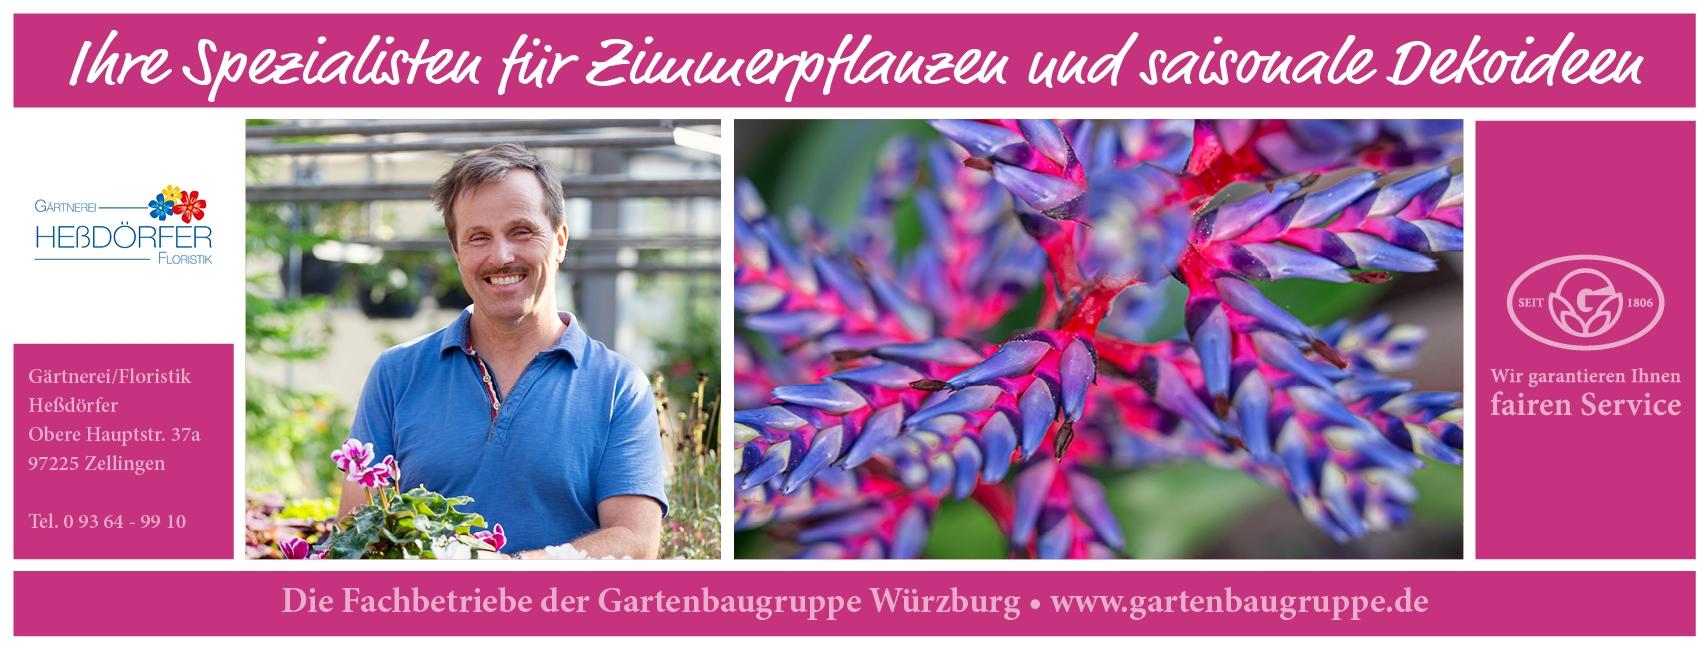 Gärtnerei Heßdörfer Floristik - Gartenbaugruppe Würzburg